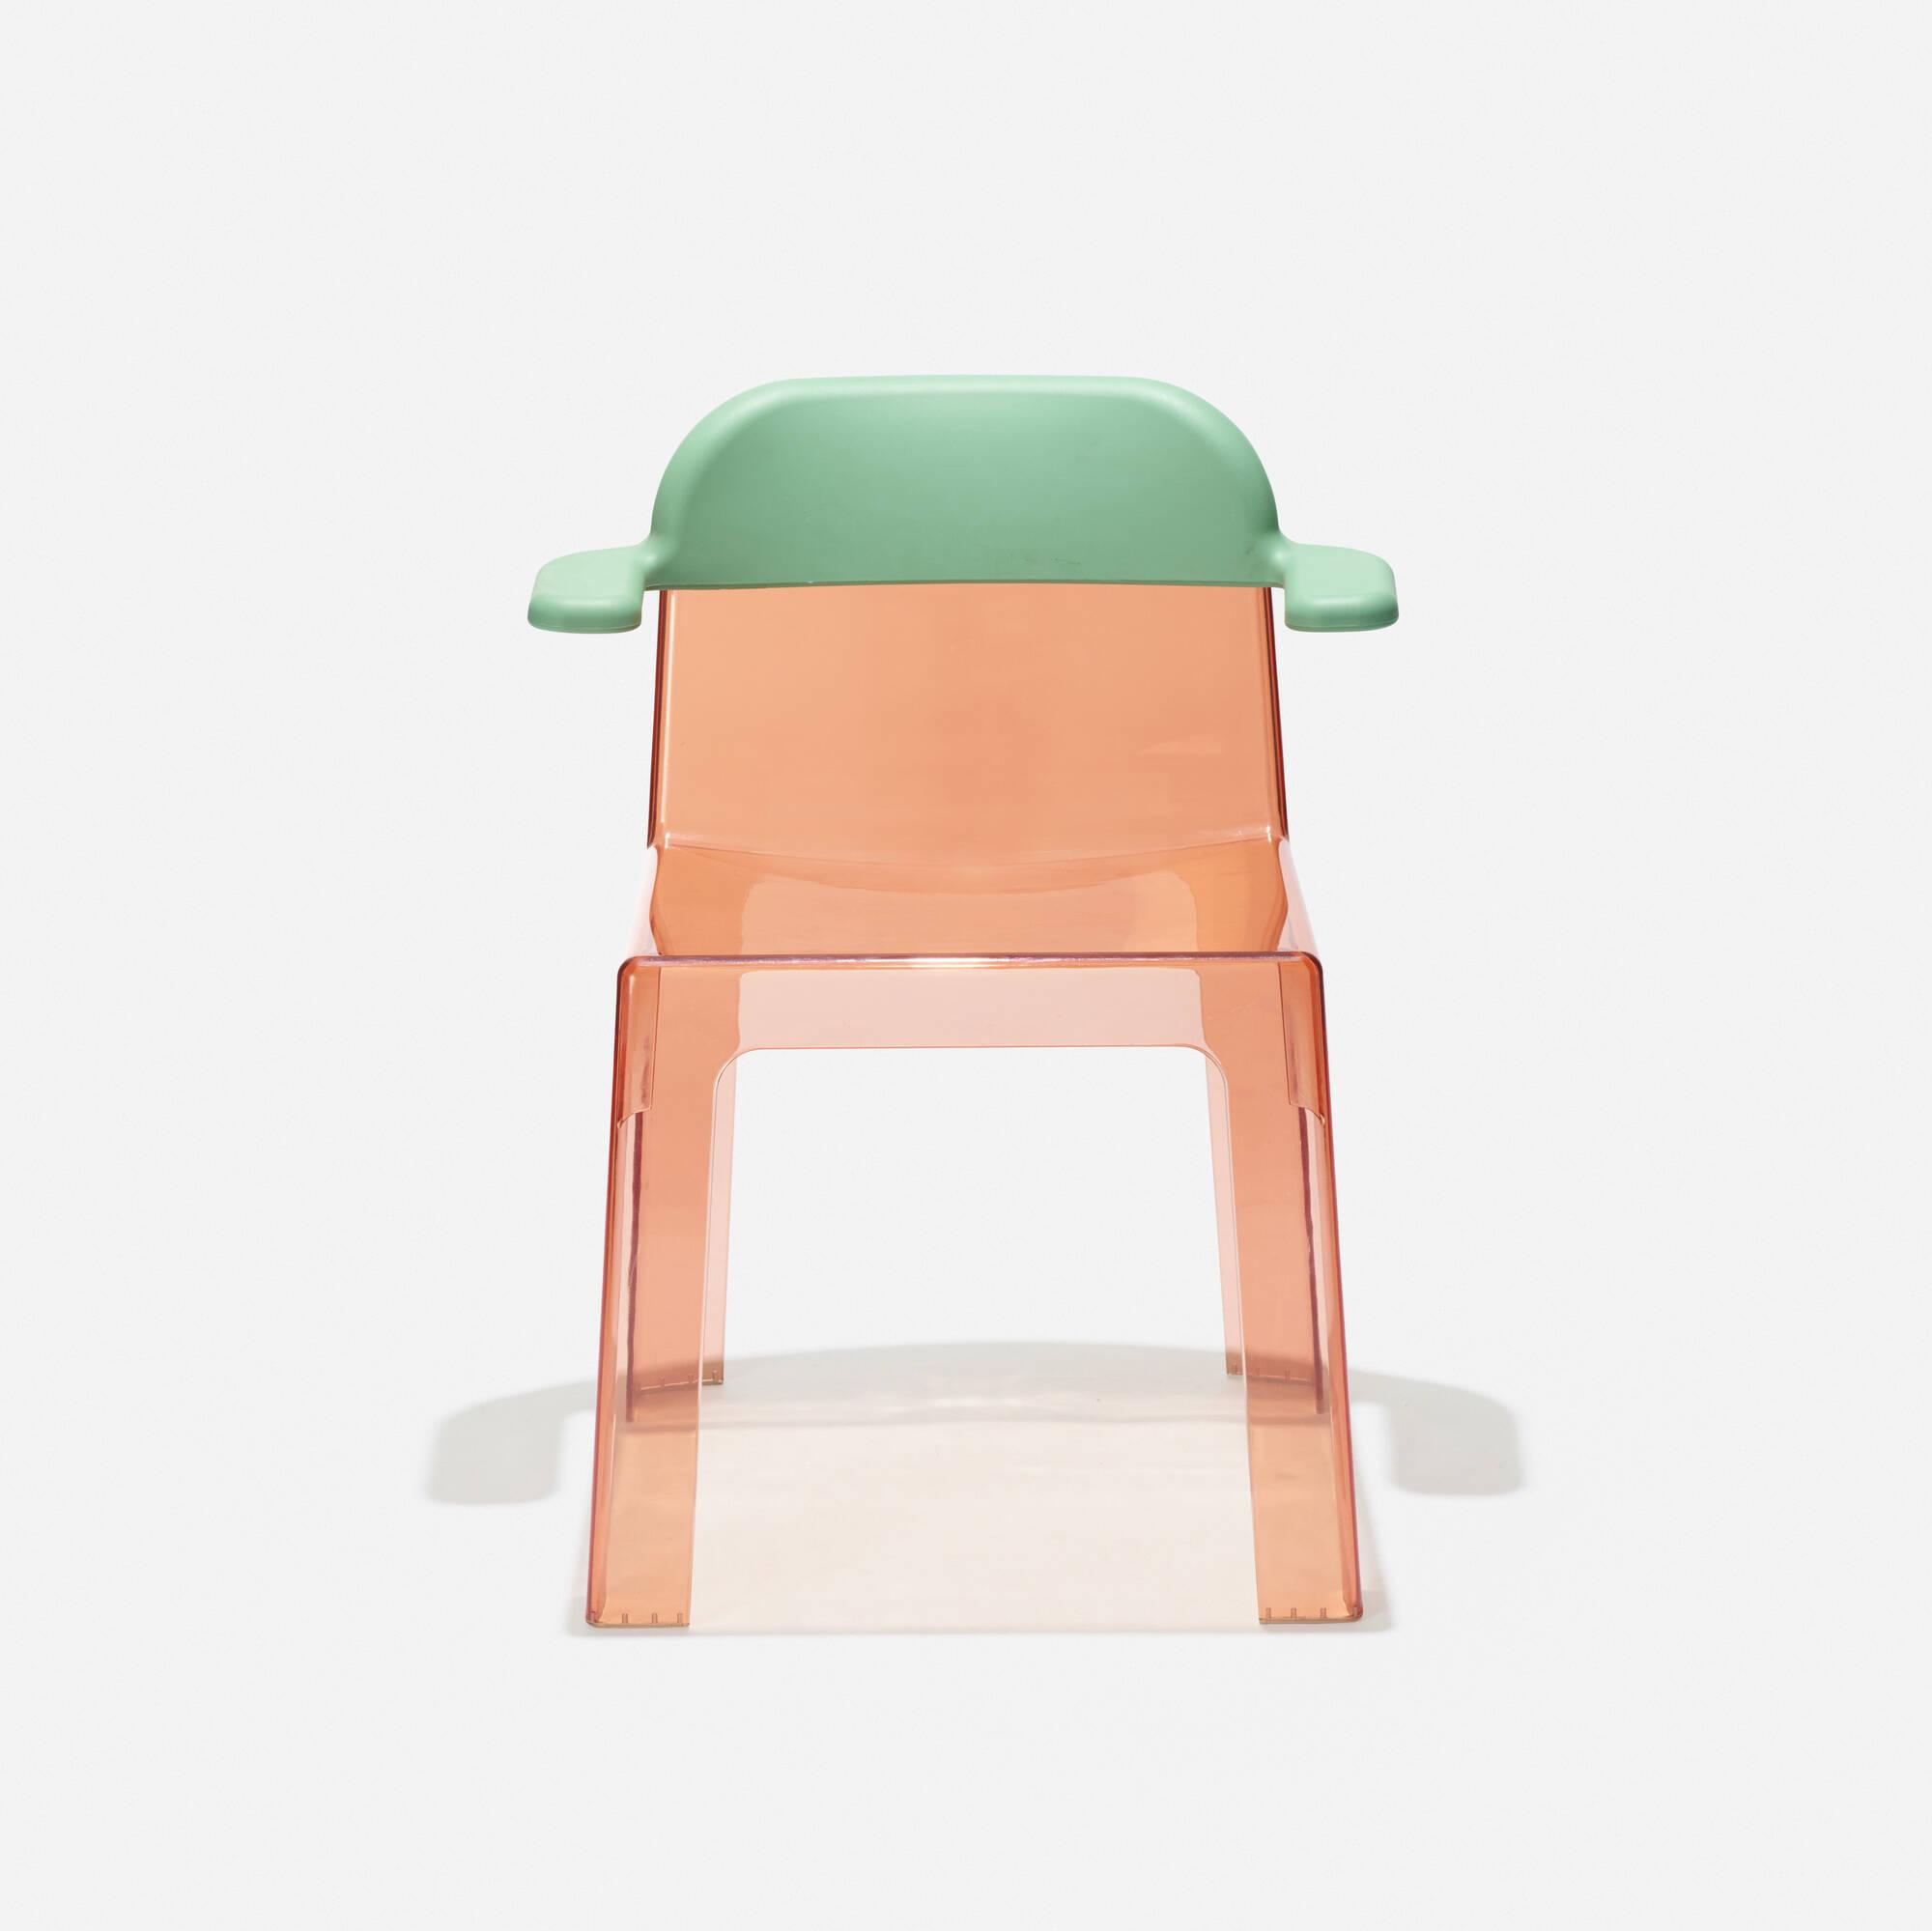 325: Sottsass Associati / Trono chair (2 of 3)